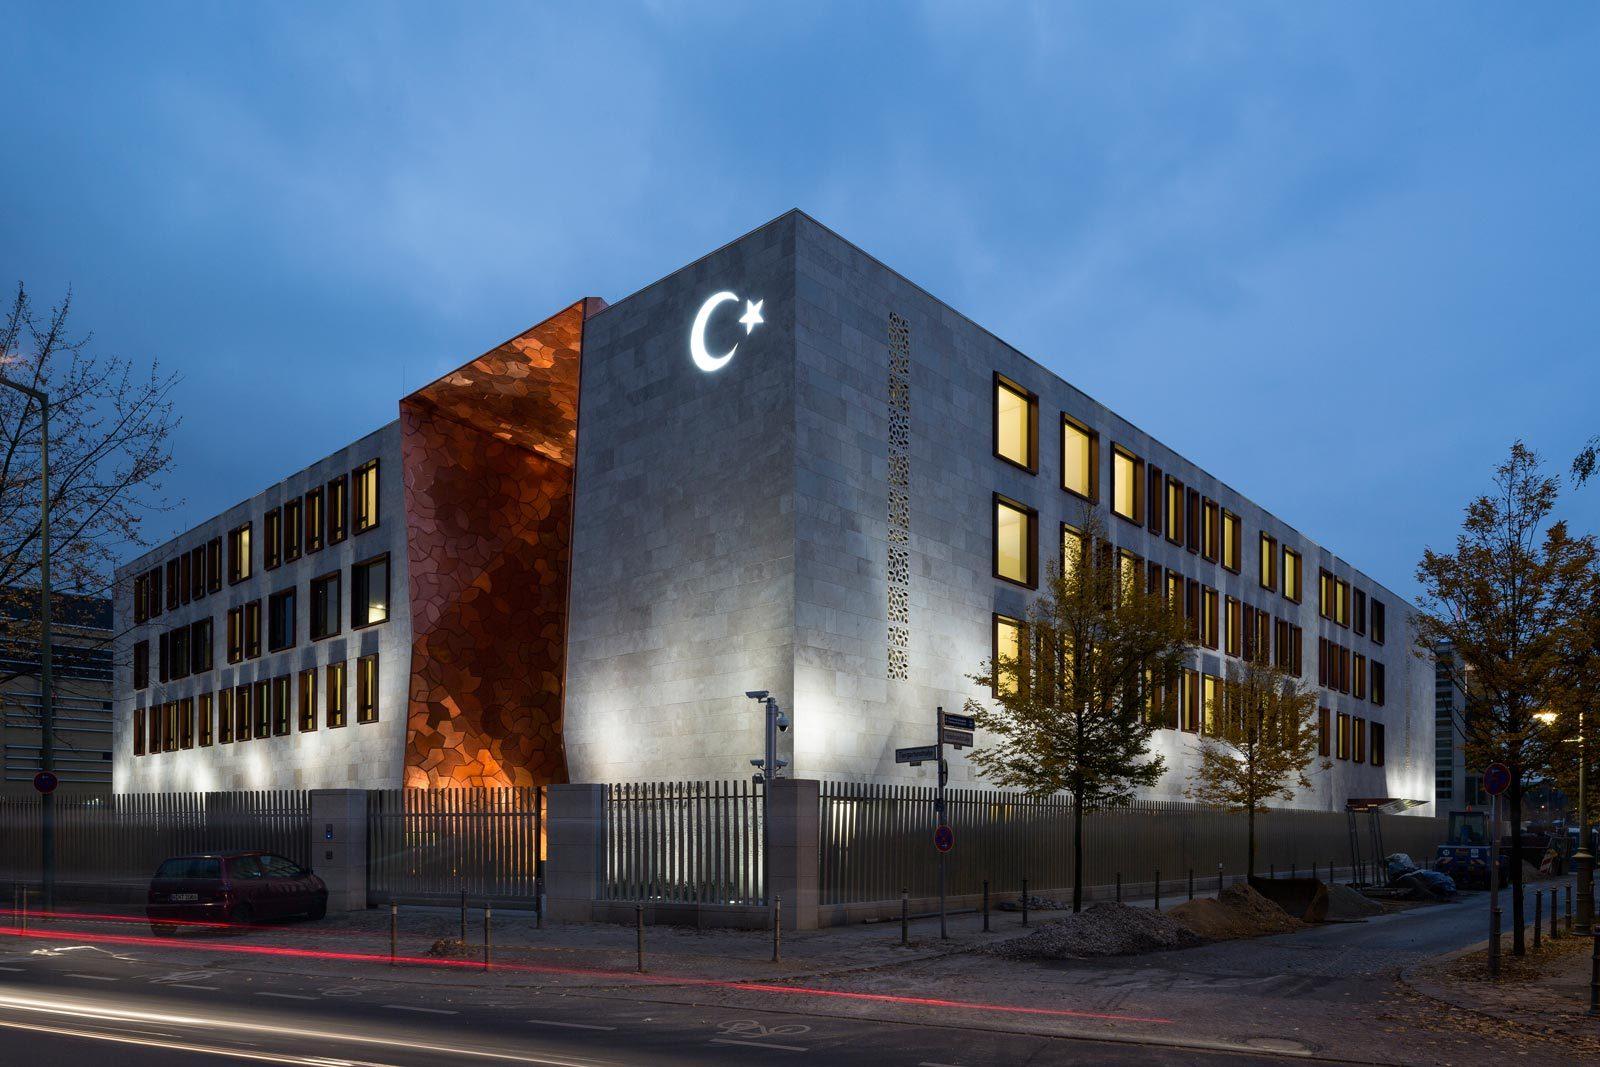 52689df9e8e44ef4c20003df_turkish-embassy-in-berlin-nsh-architekten_felipe_schmidt_02